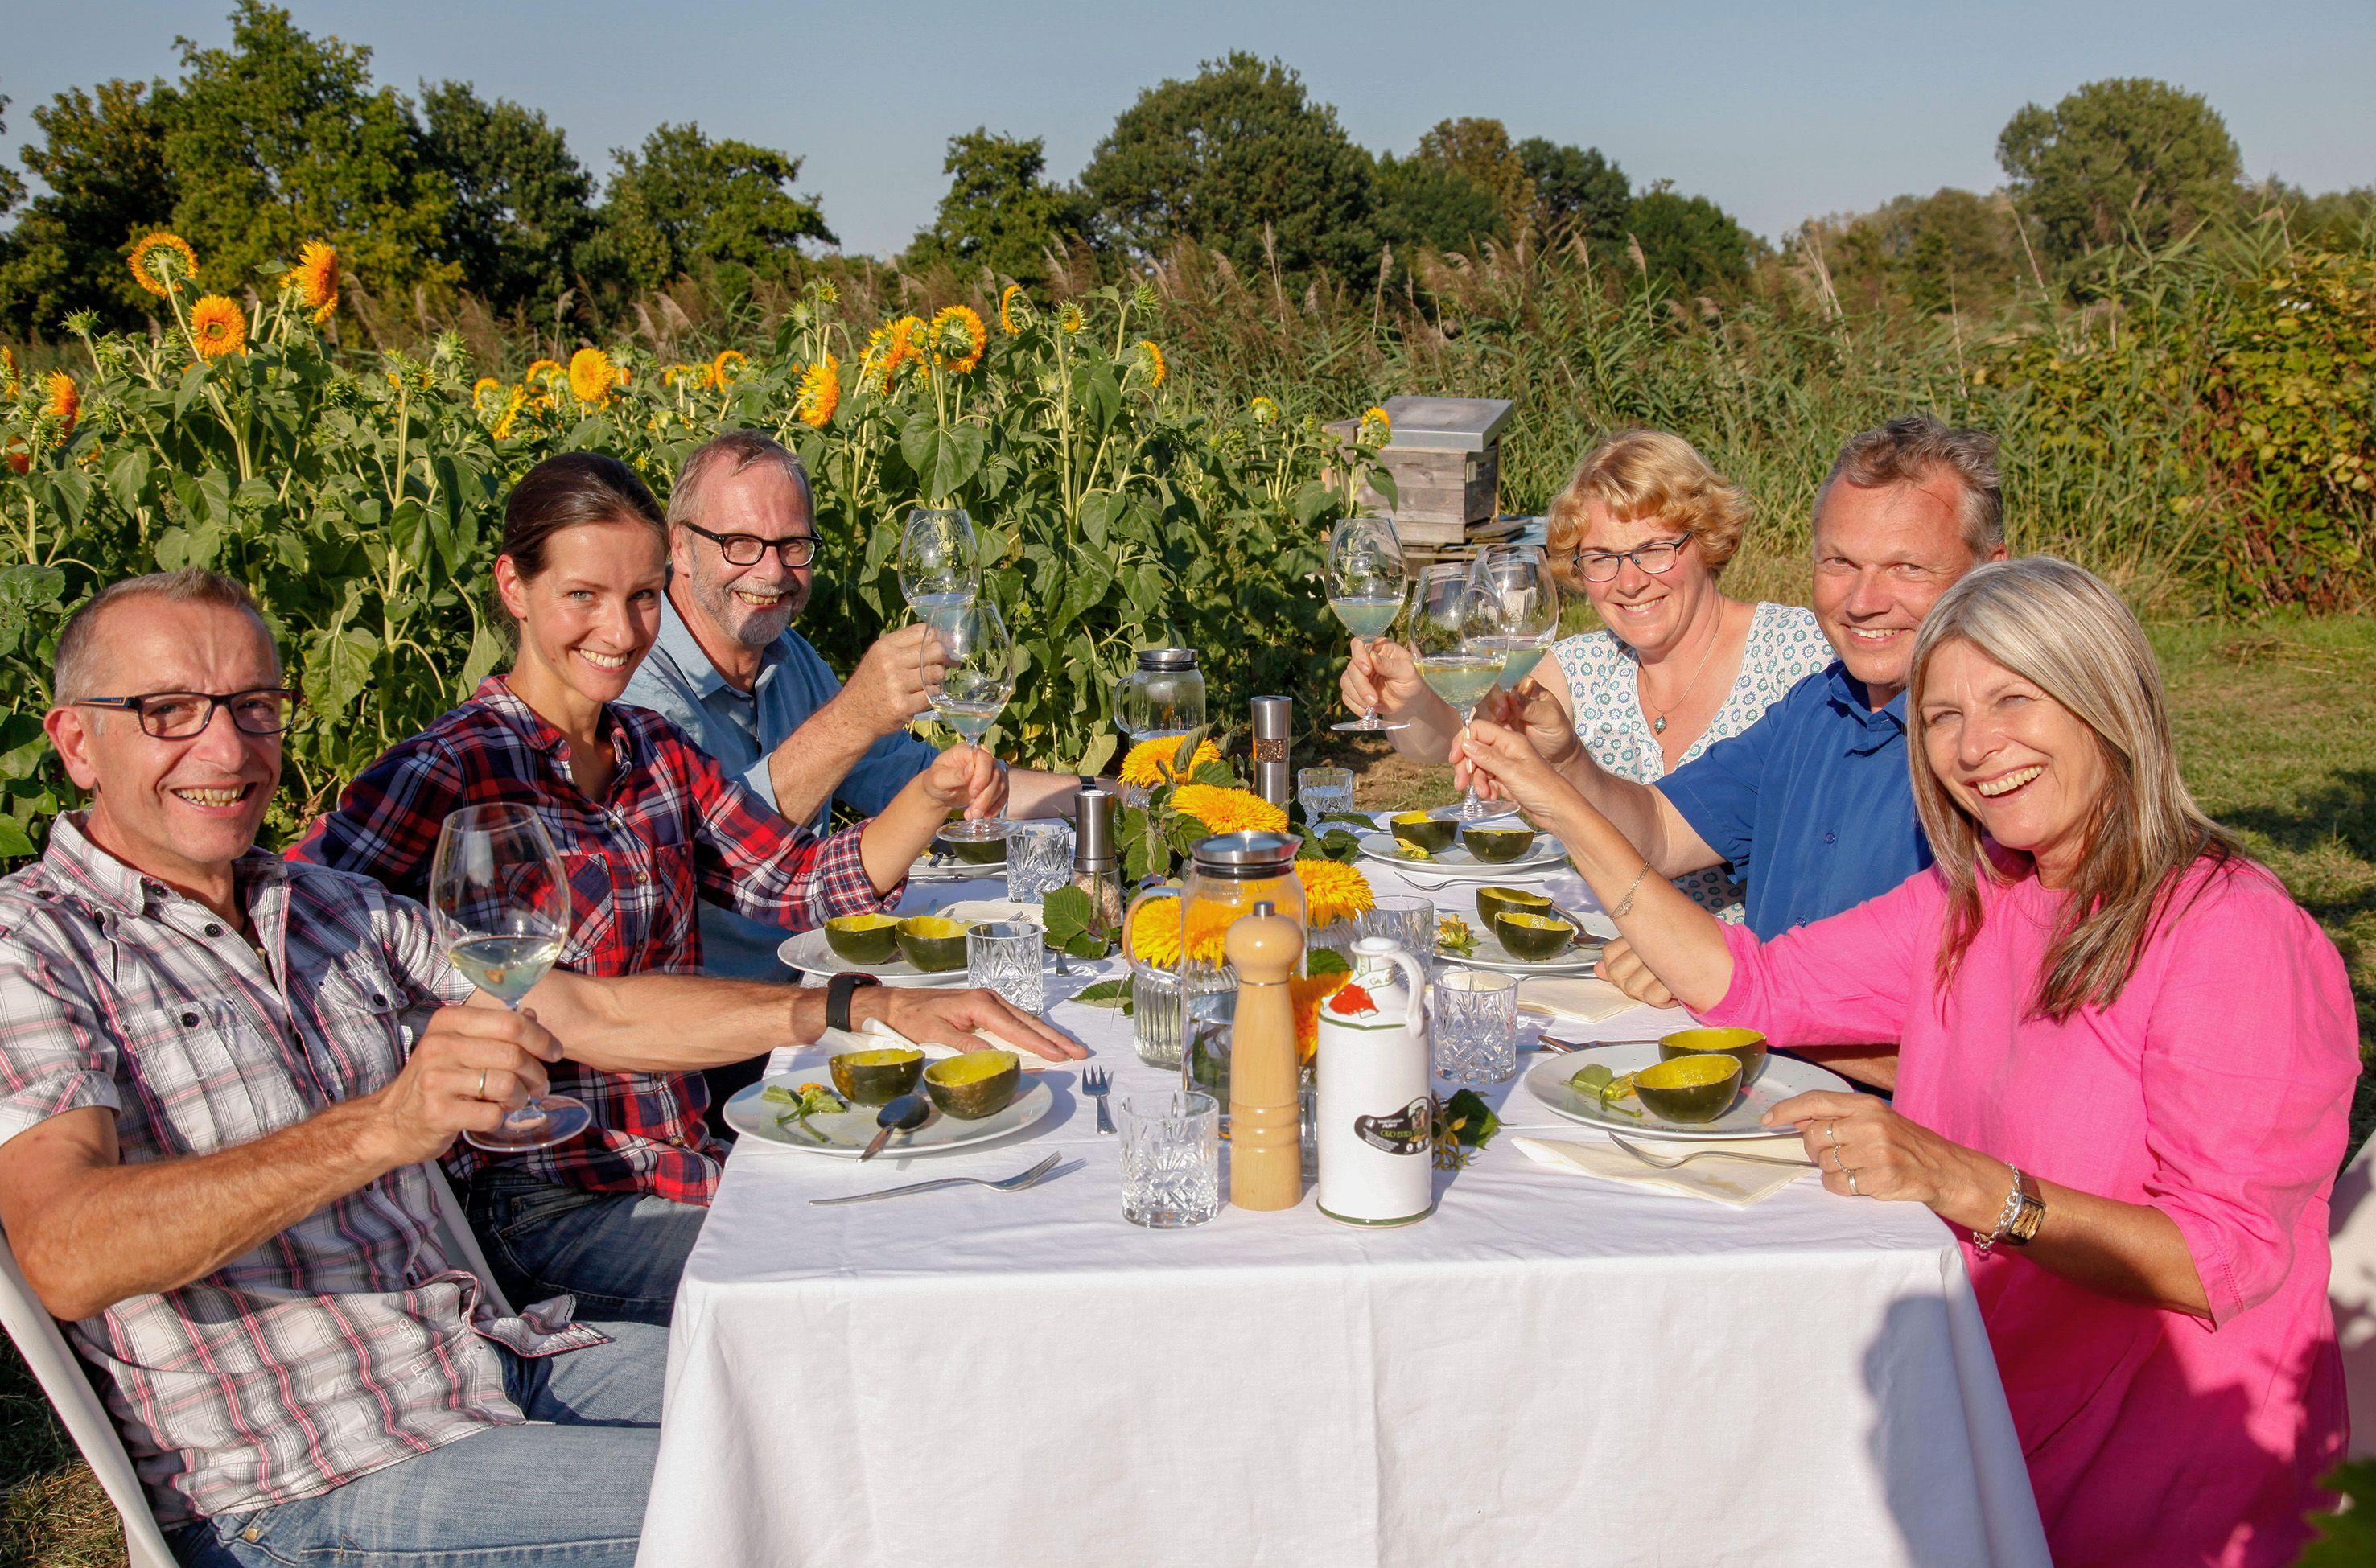 Mein Leckerer Garten Neue Staffel Der Swr Sommersendung In 2020 Land Und Lecker Garten Kuche Lecker